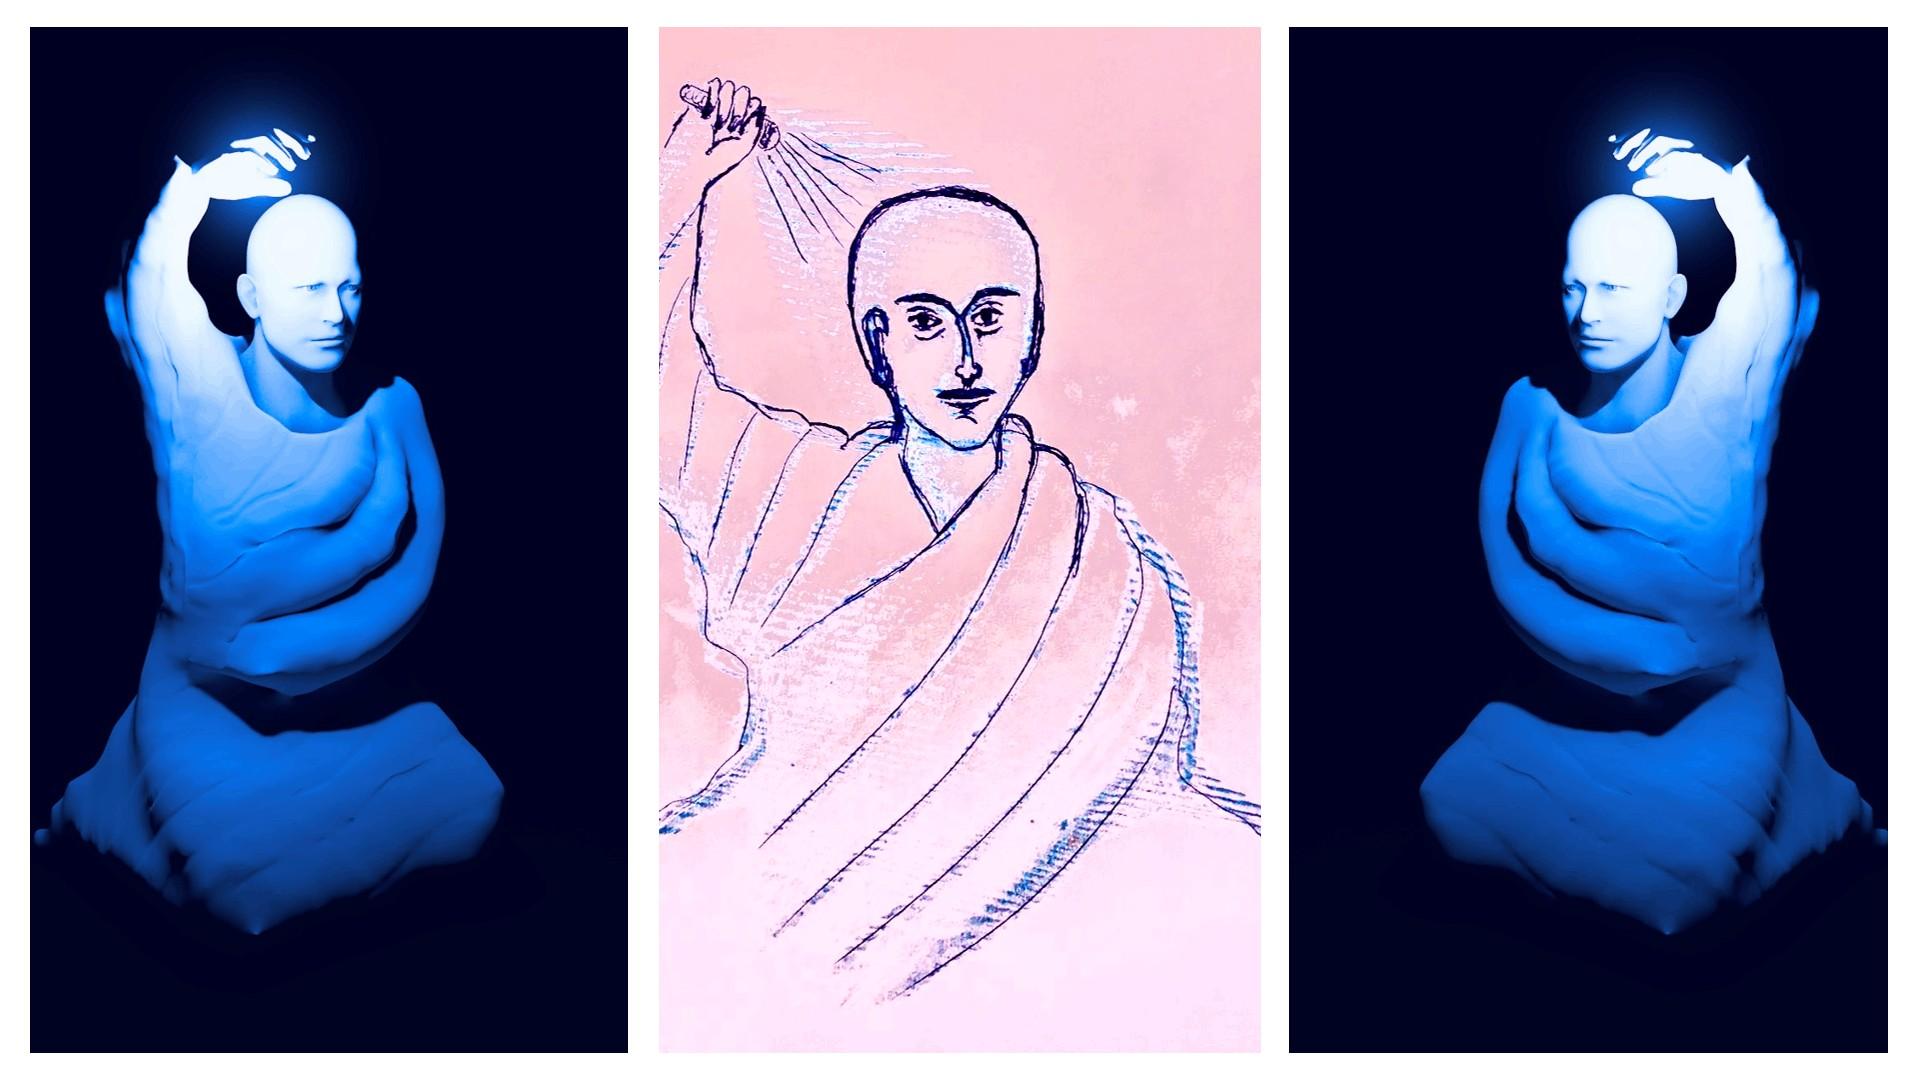 gemalt vollmaterialisation blau licht 2